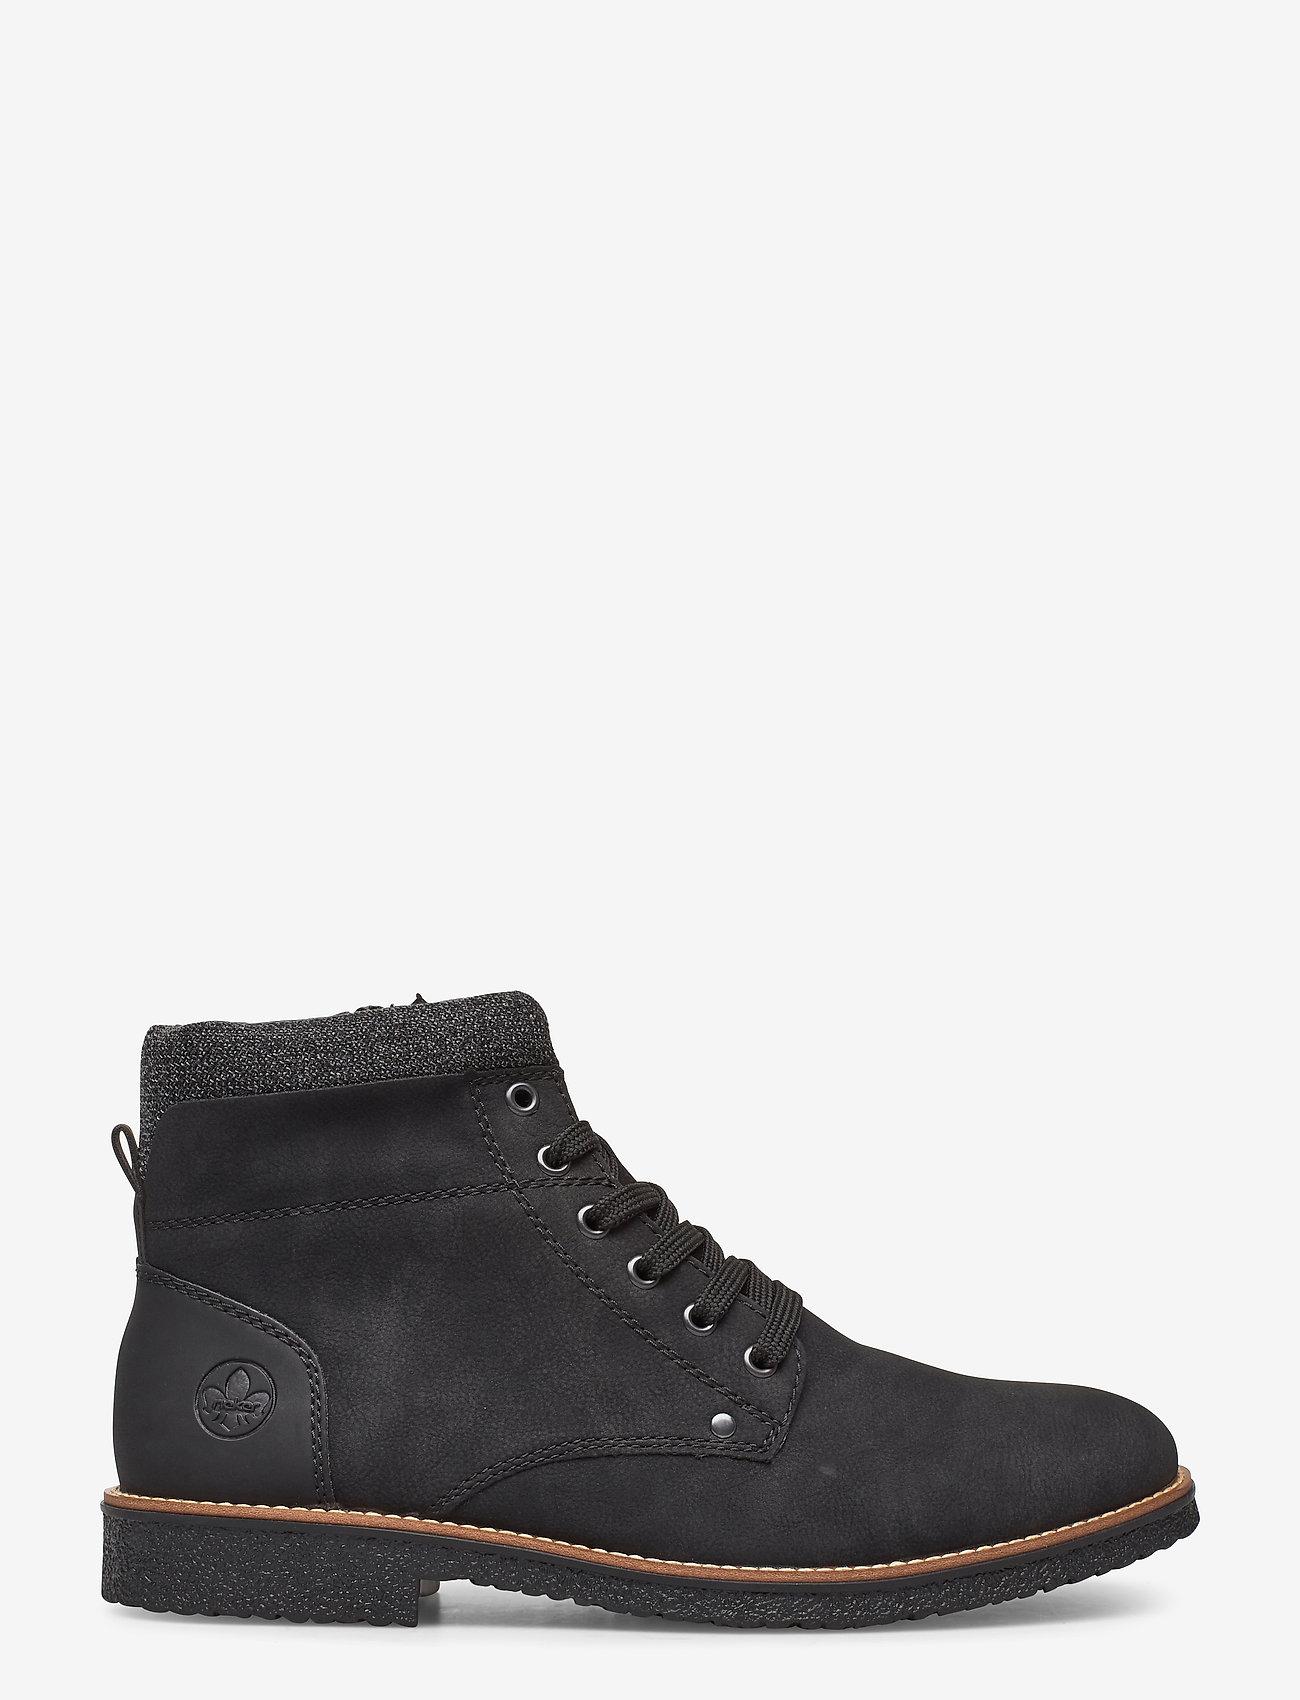 Rieker - 33640-01 - buty zimowe - black - 1